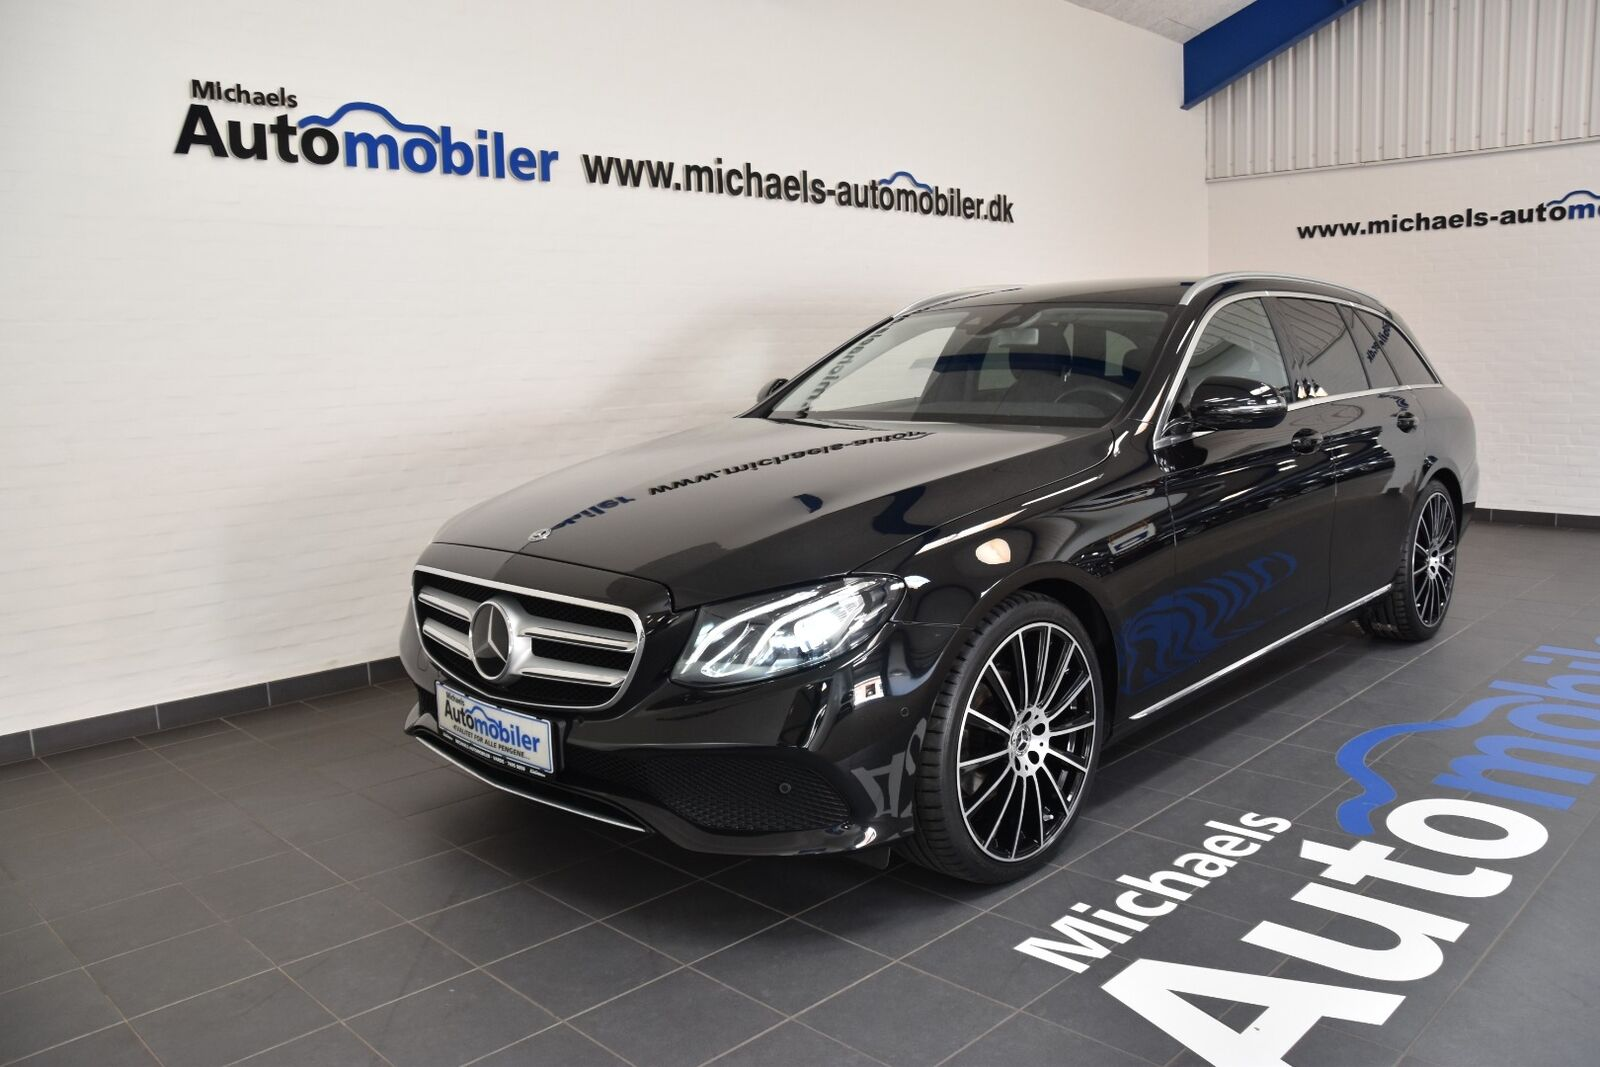 Mercedes E220 d 2,0 Avantgarde stc. aut. 5d - 449.900 kr.